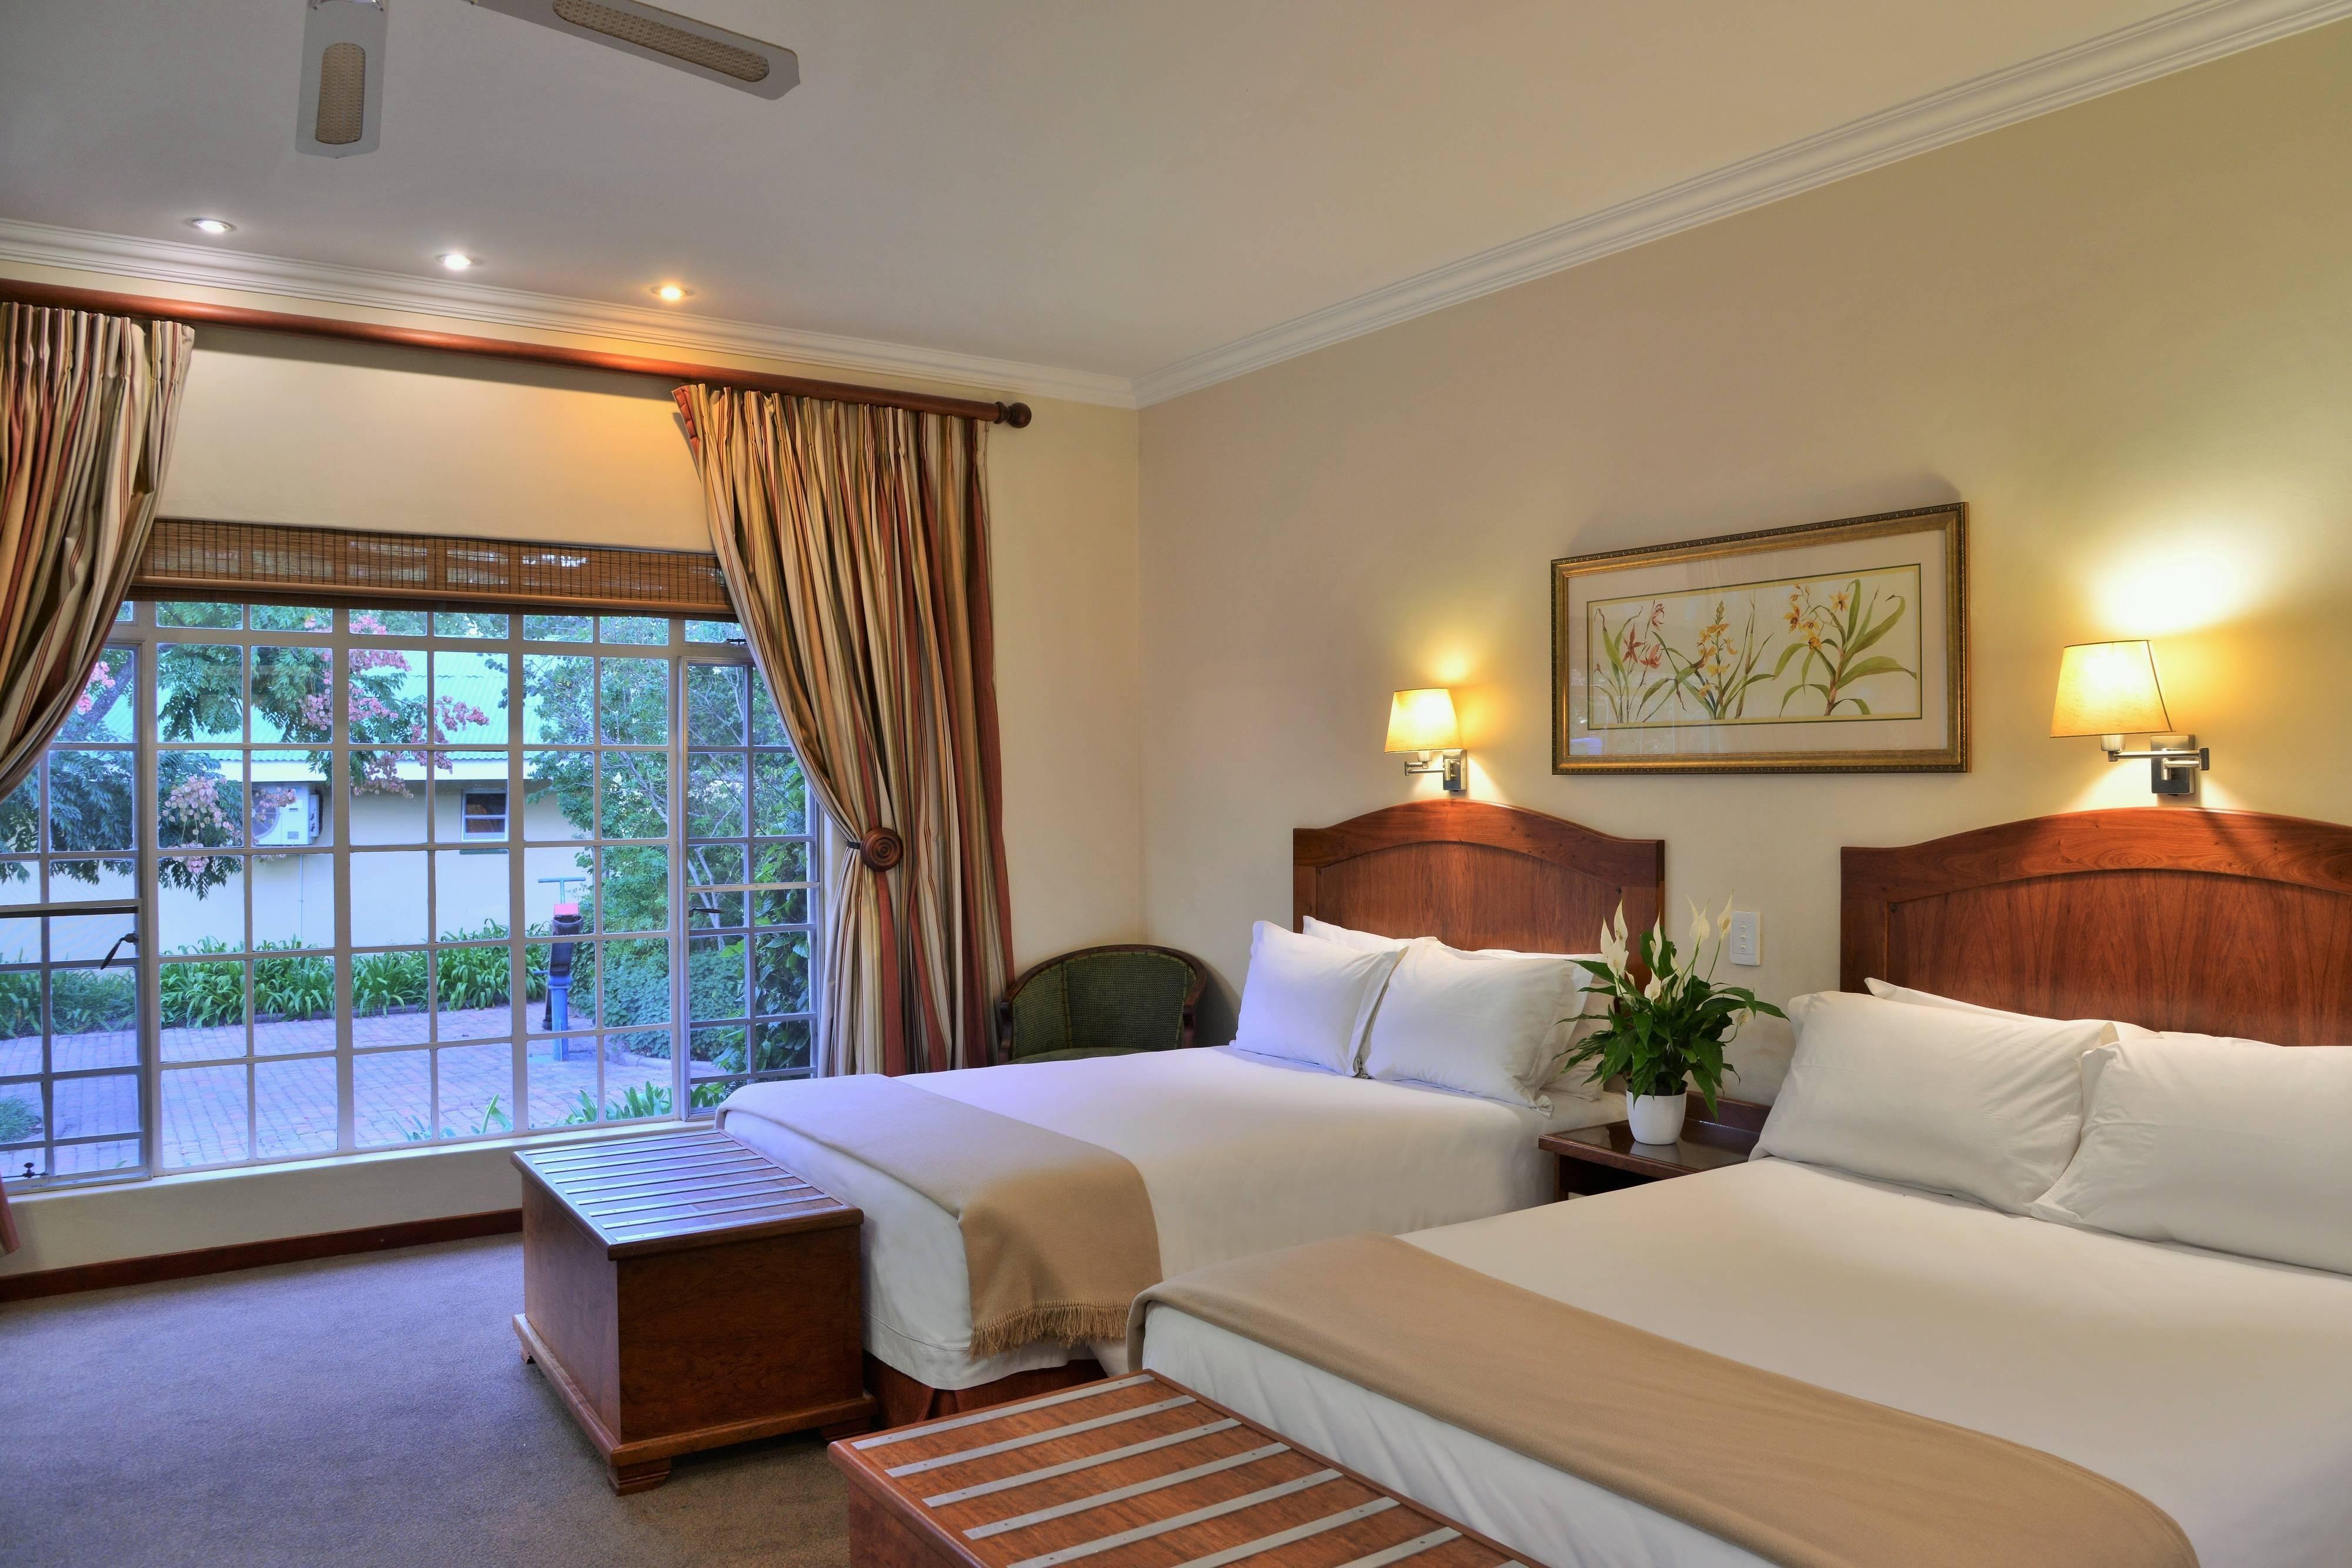 Deluxe-Gästezimmer mit zwei Queensize-Betten